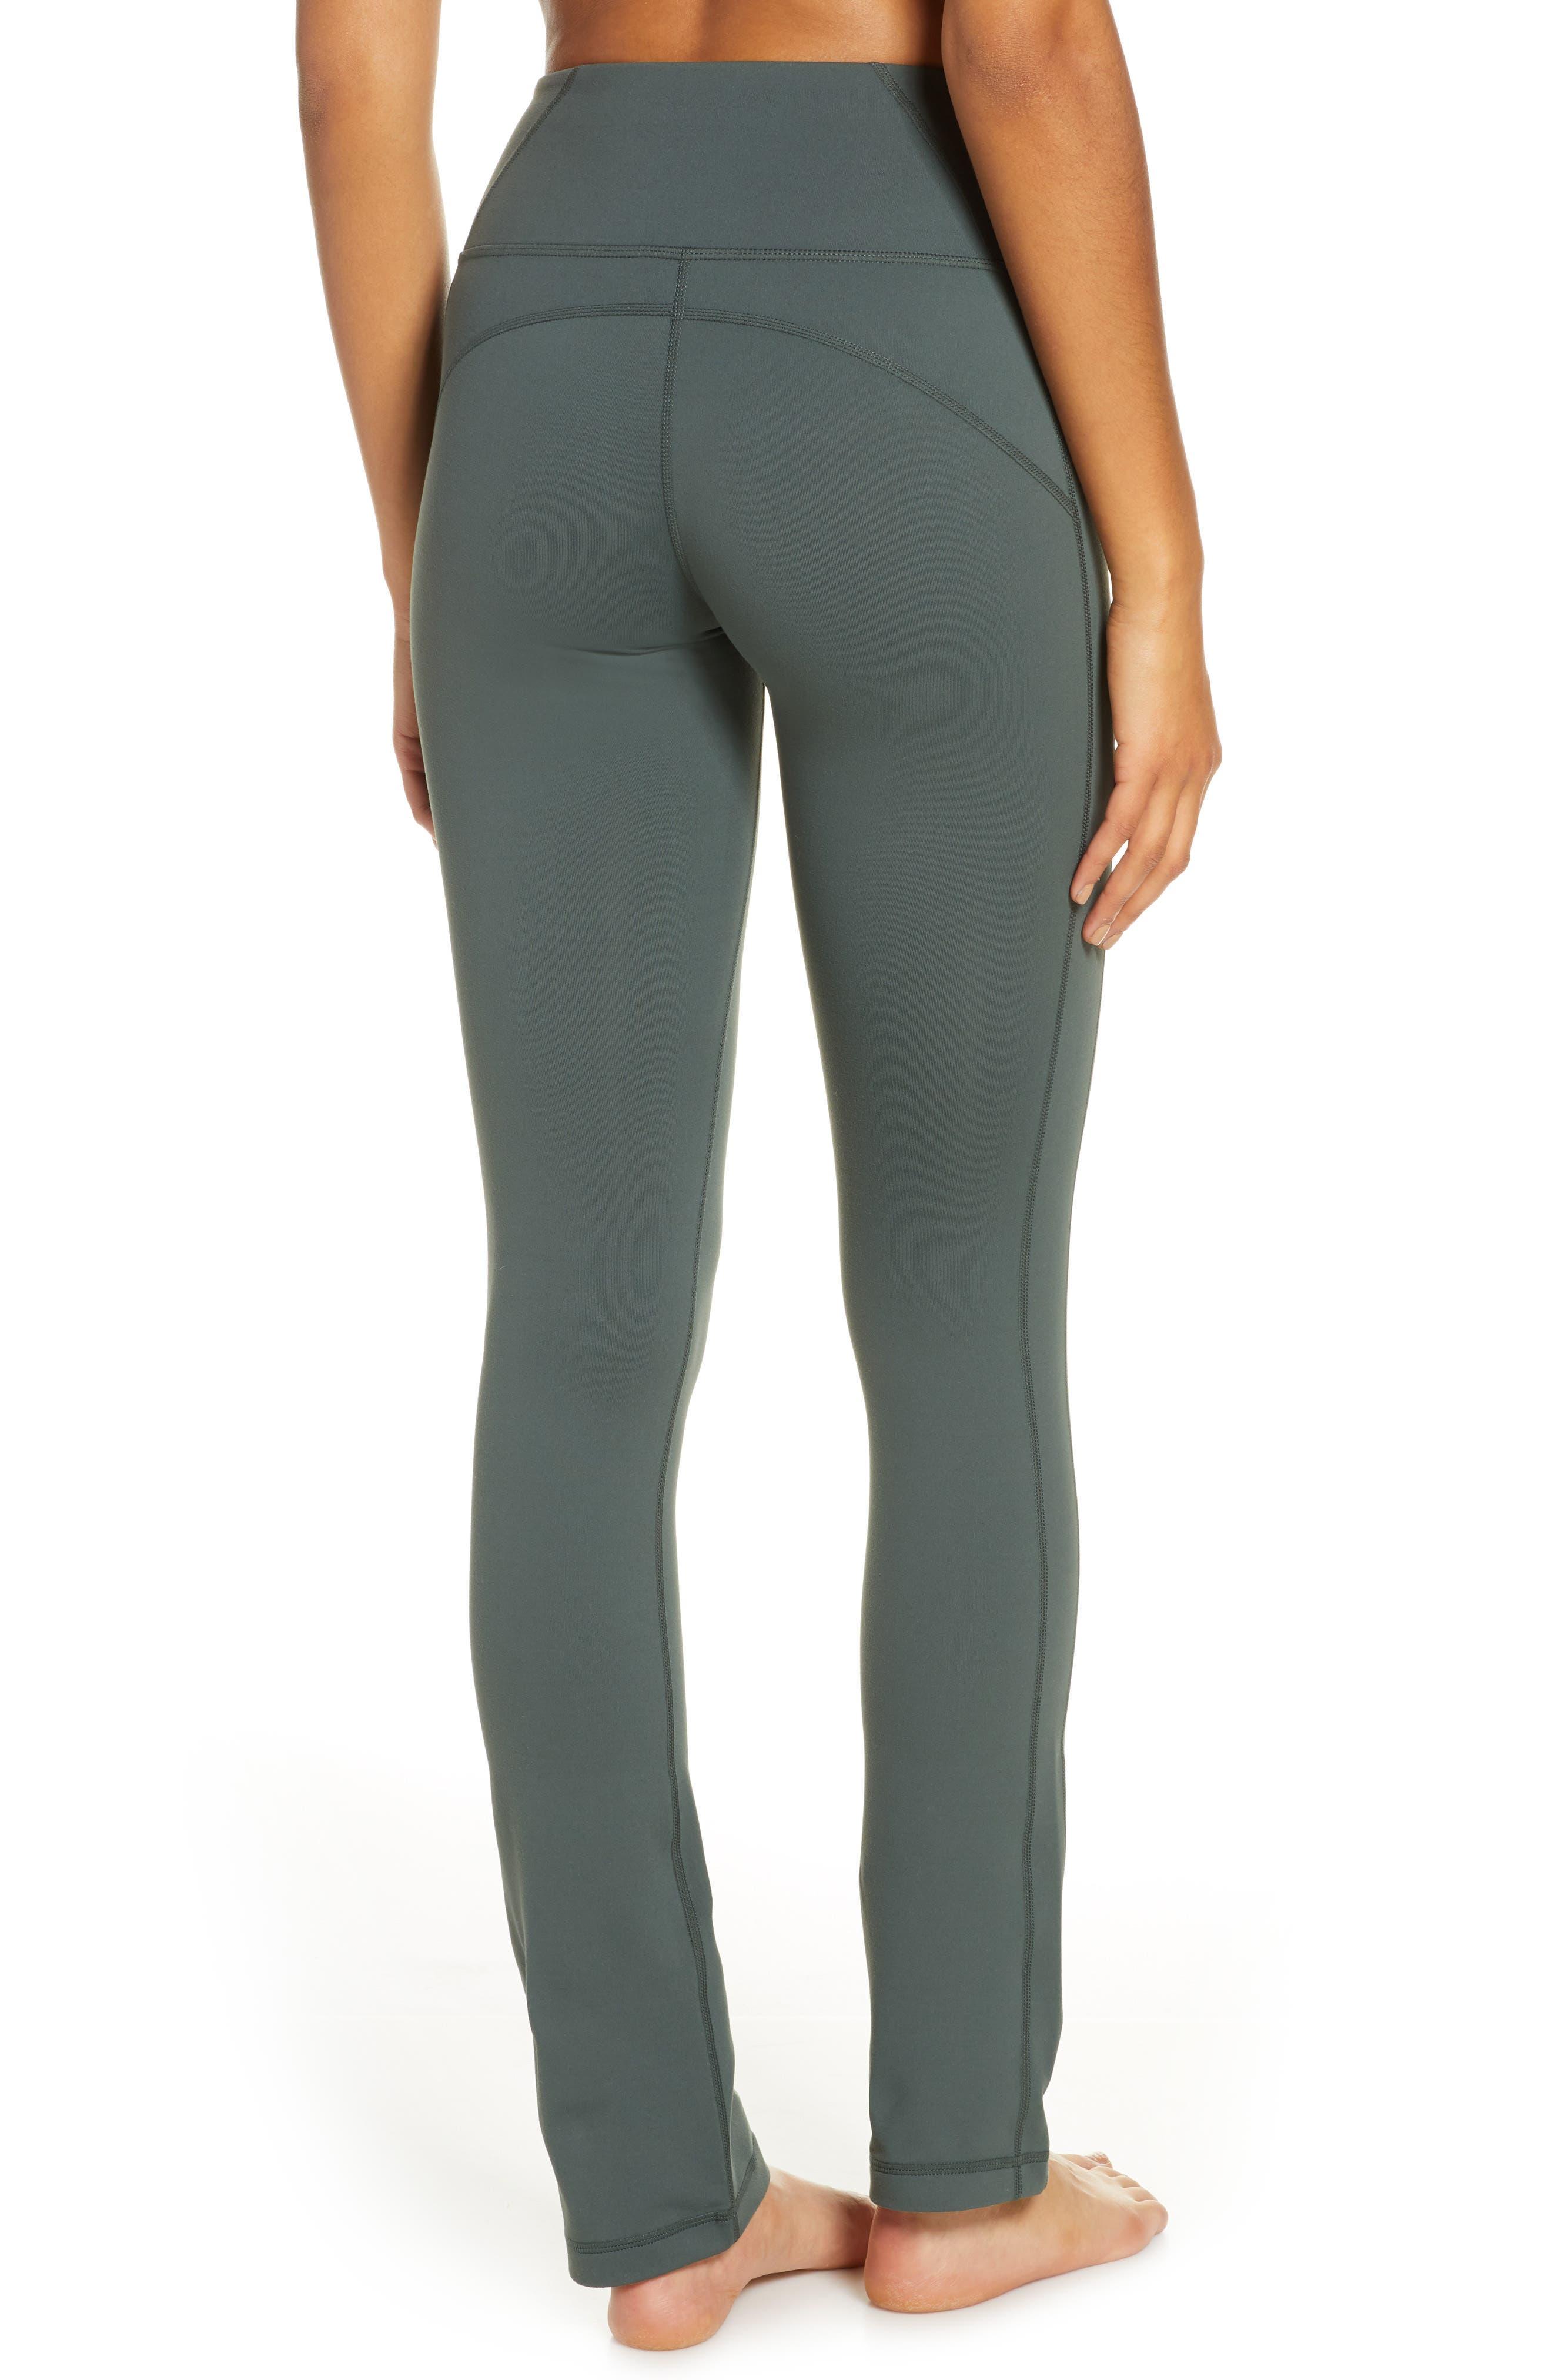 89cf990fbc1 Activewear   Workout Pants   Capris for Women